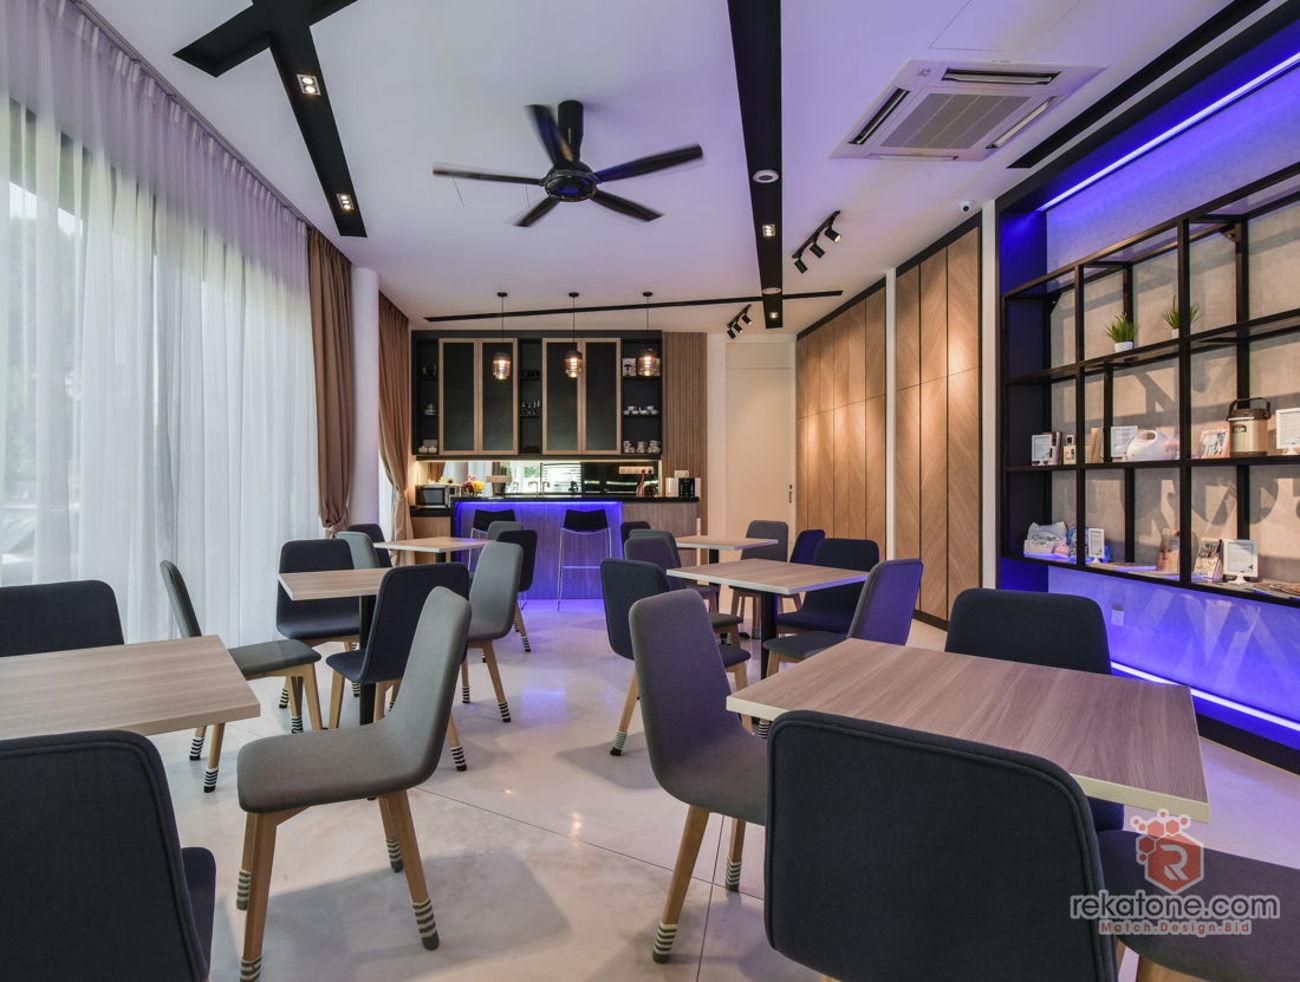 exclusive-interior-design